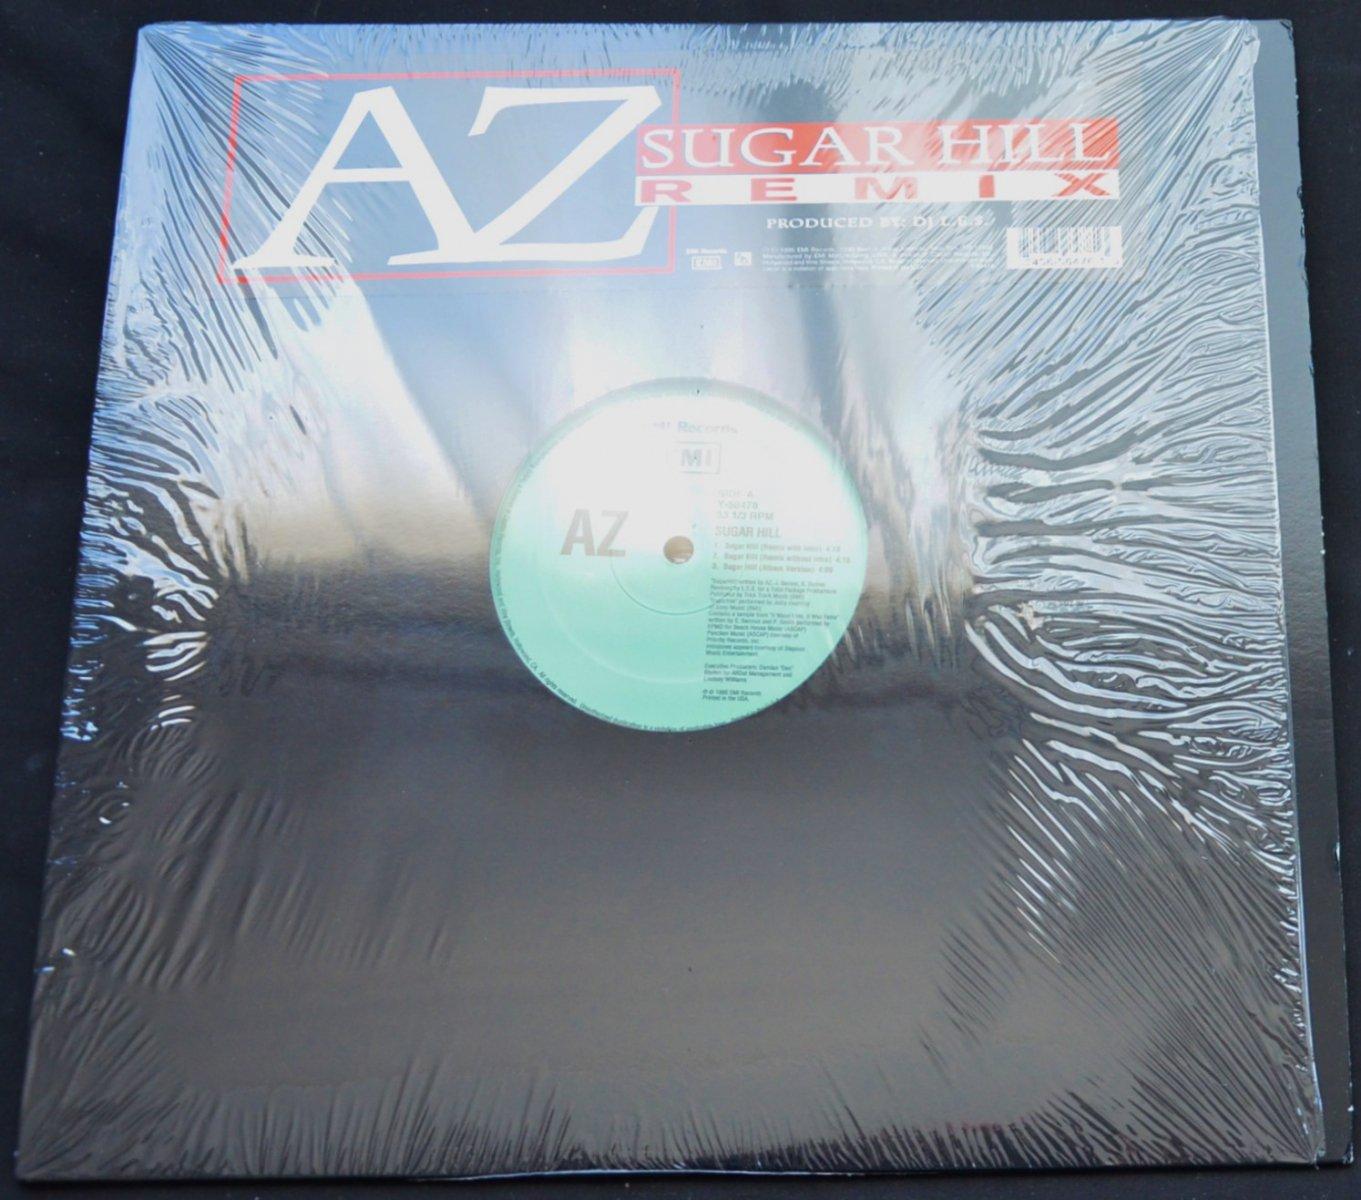 AZ / SUGAR HILL (REMIX) (PROD BY L.E.S.) / RATHER UNIQUE (PROD BY PETE ROCK) (12